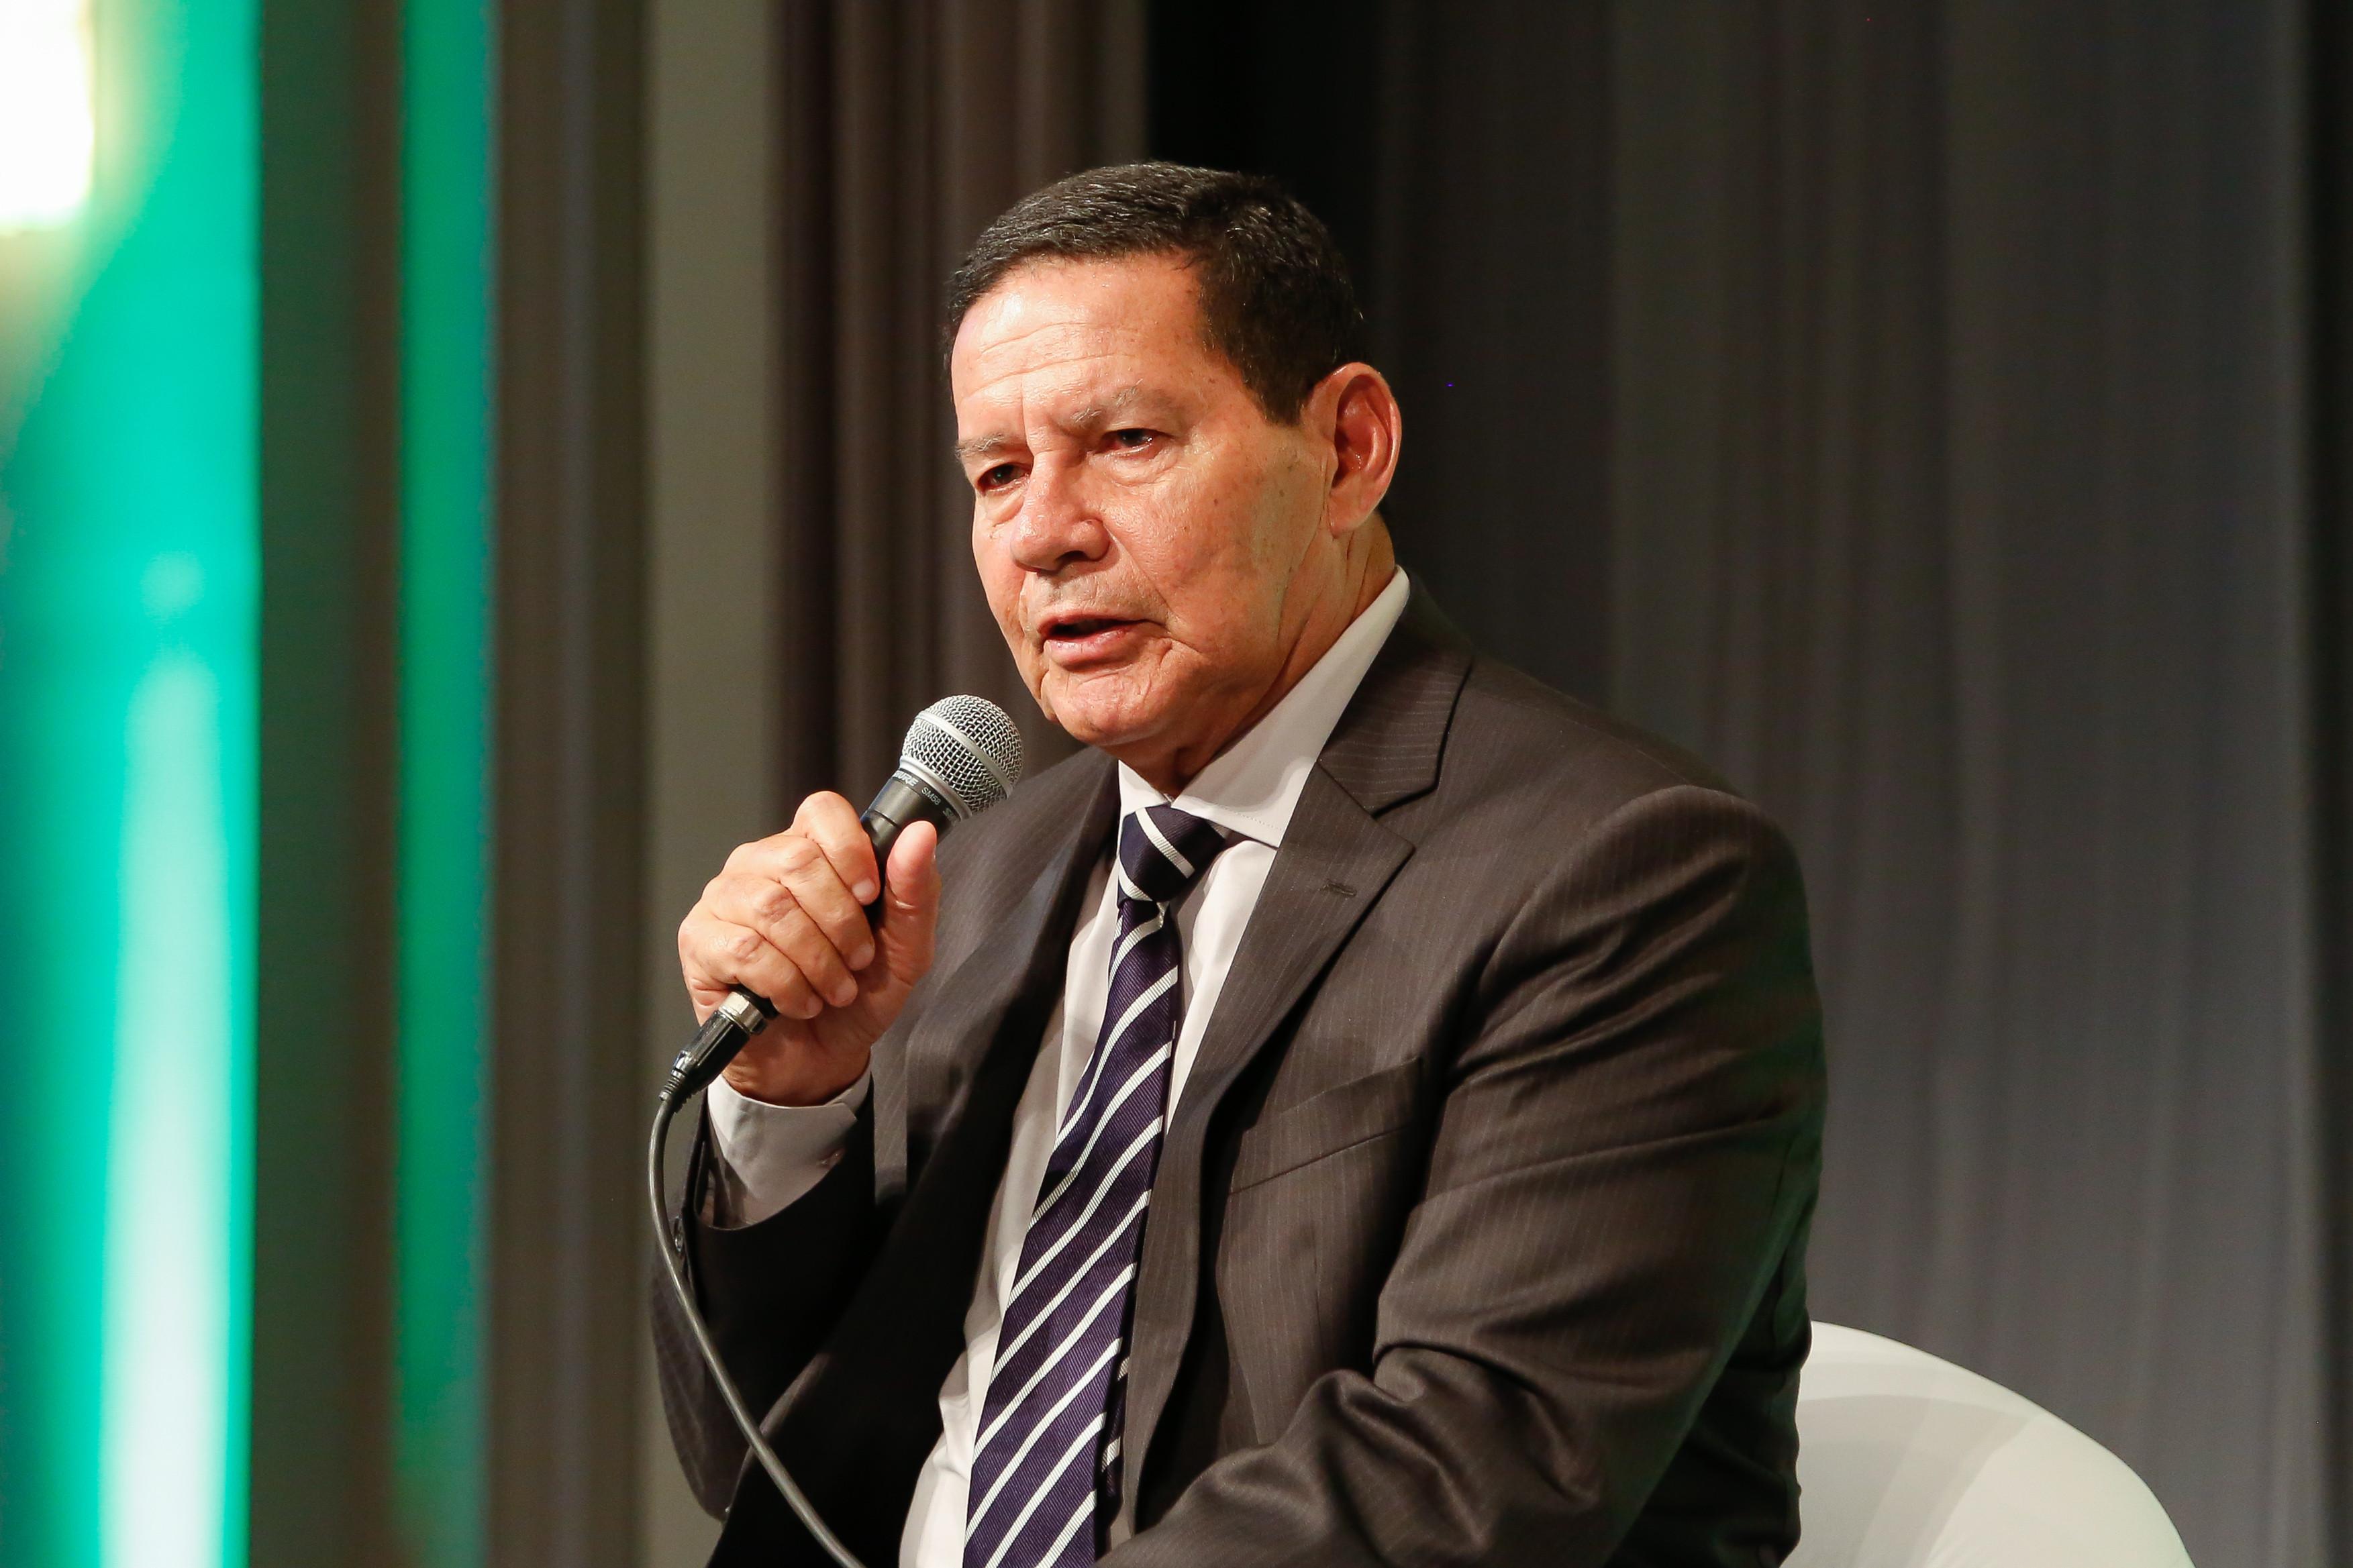 Divulgação de vídeo pró-ditadura foi decisão de Bolsonaro, diz Mourão